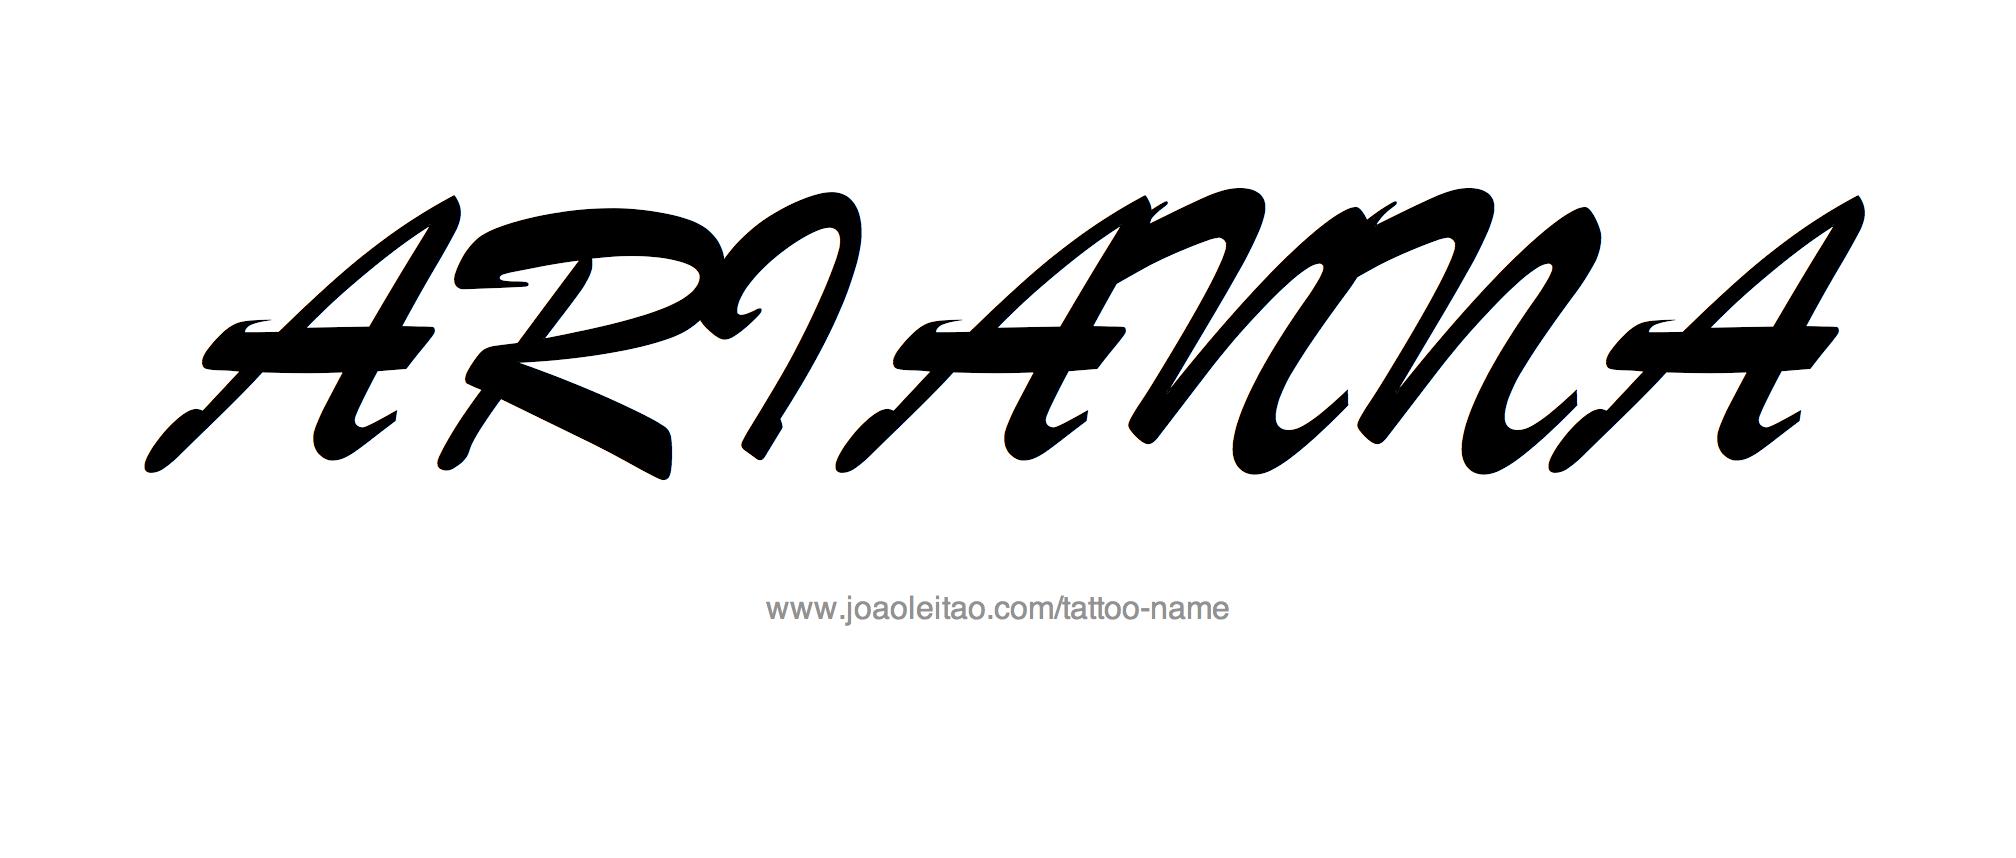 Arianna name tattoos